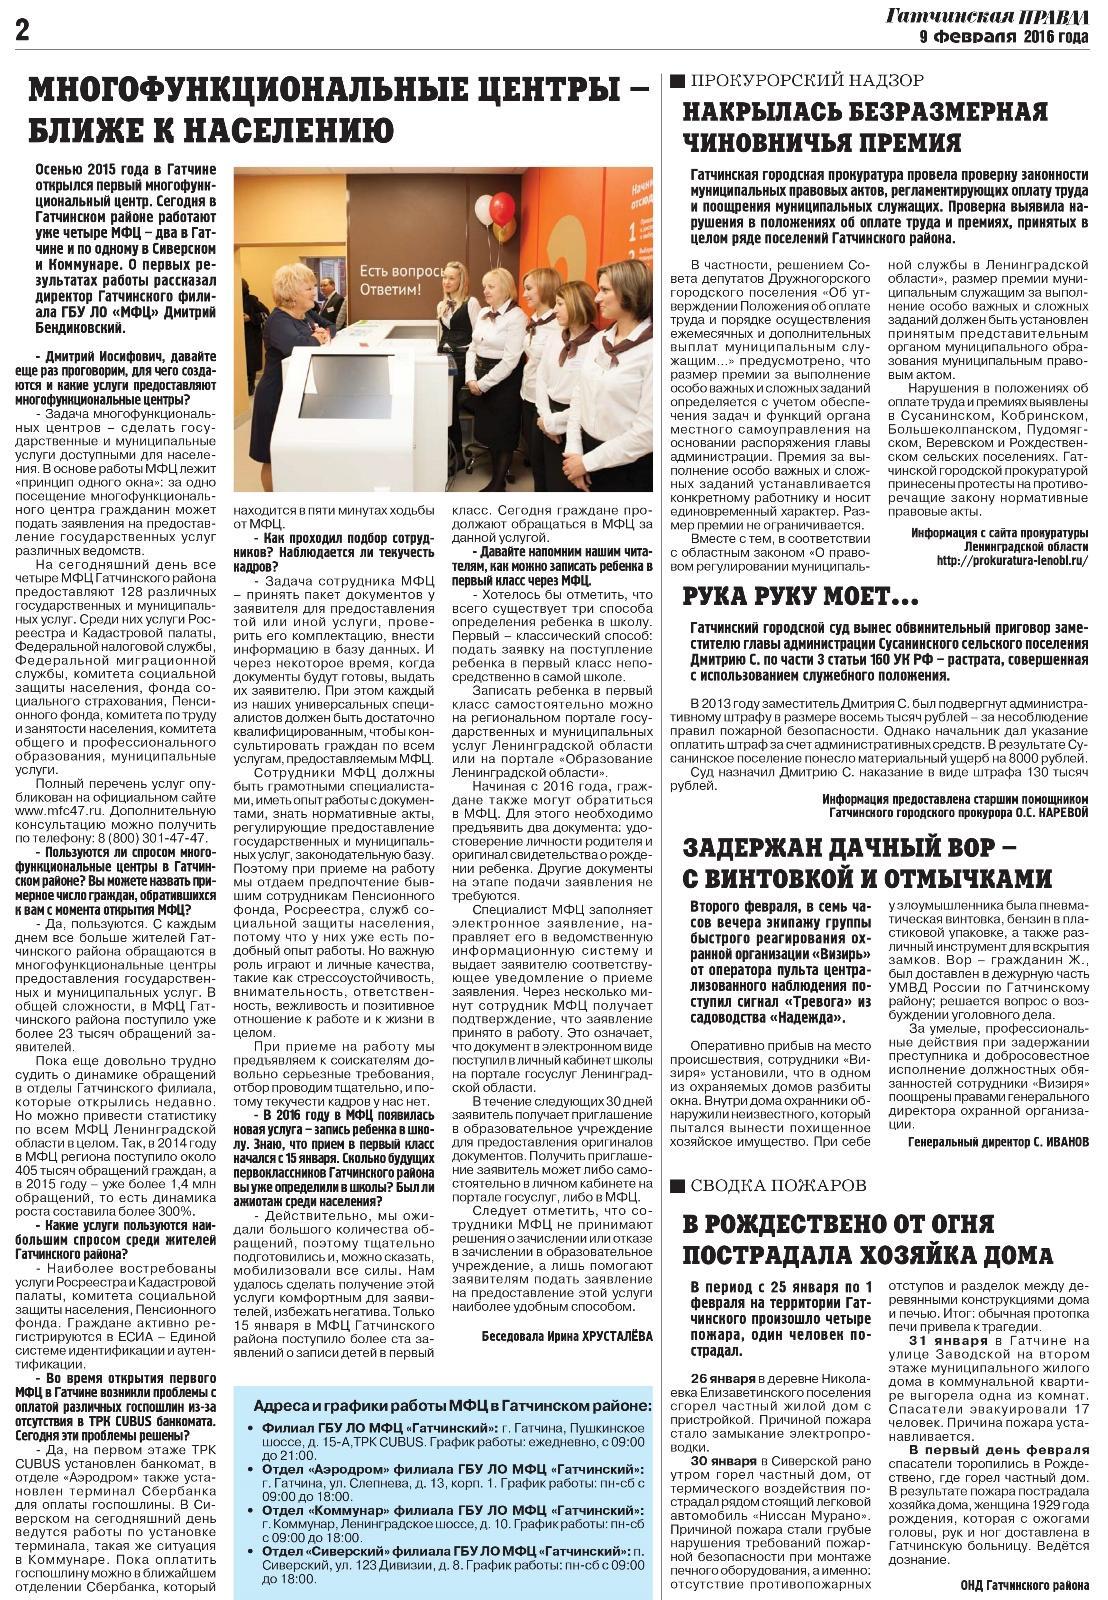 Гатчинская правда №13 от 9 февраля 2016 года